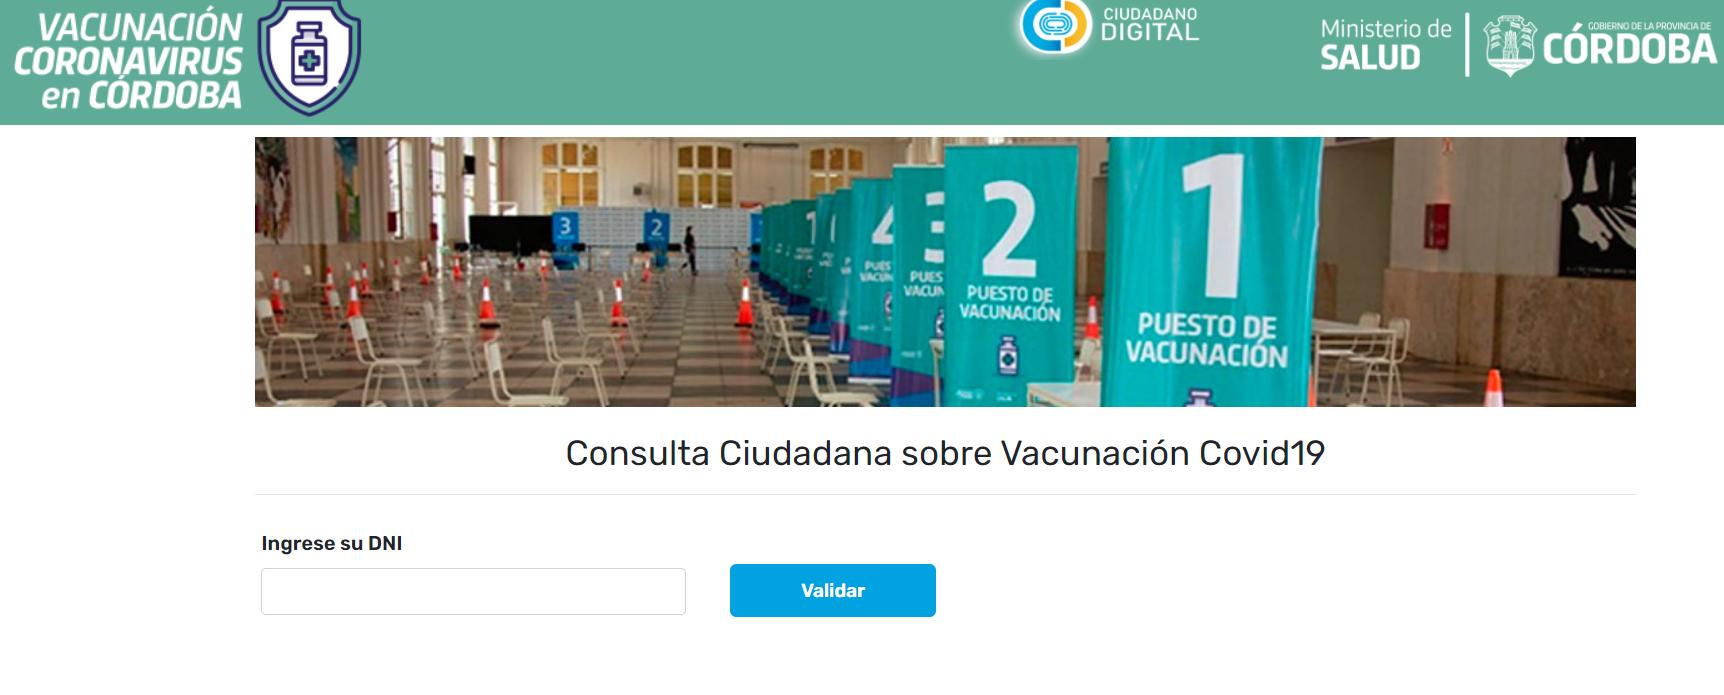 El Gobierno de Córdoba expuso datos personales a través de la página de vacunación • Canal C